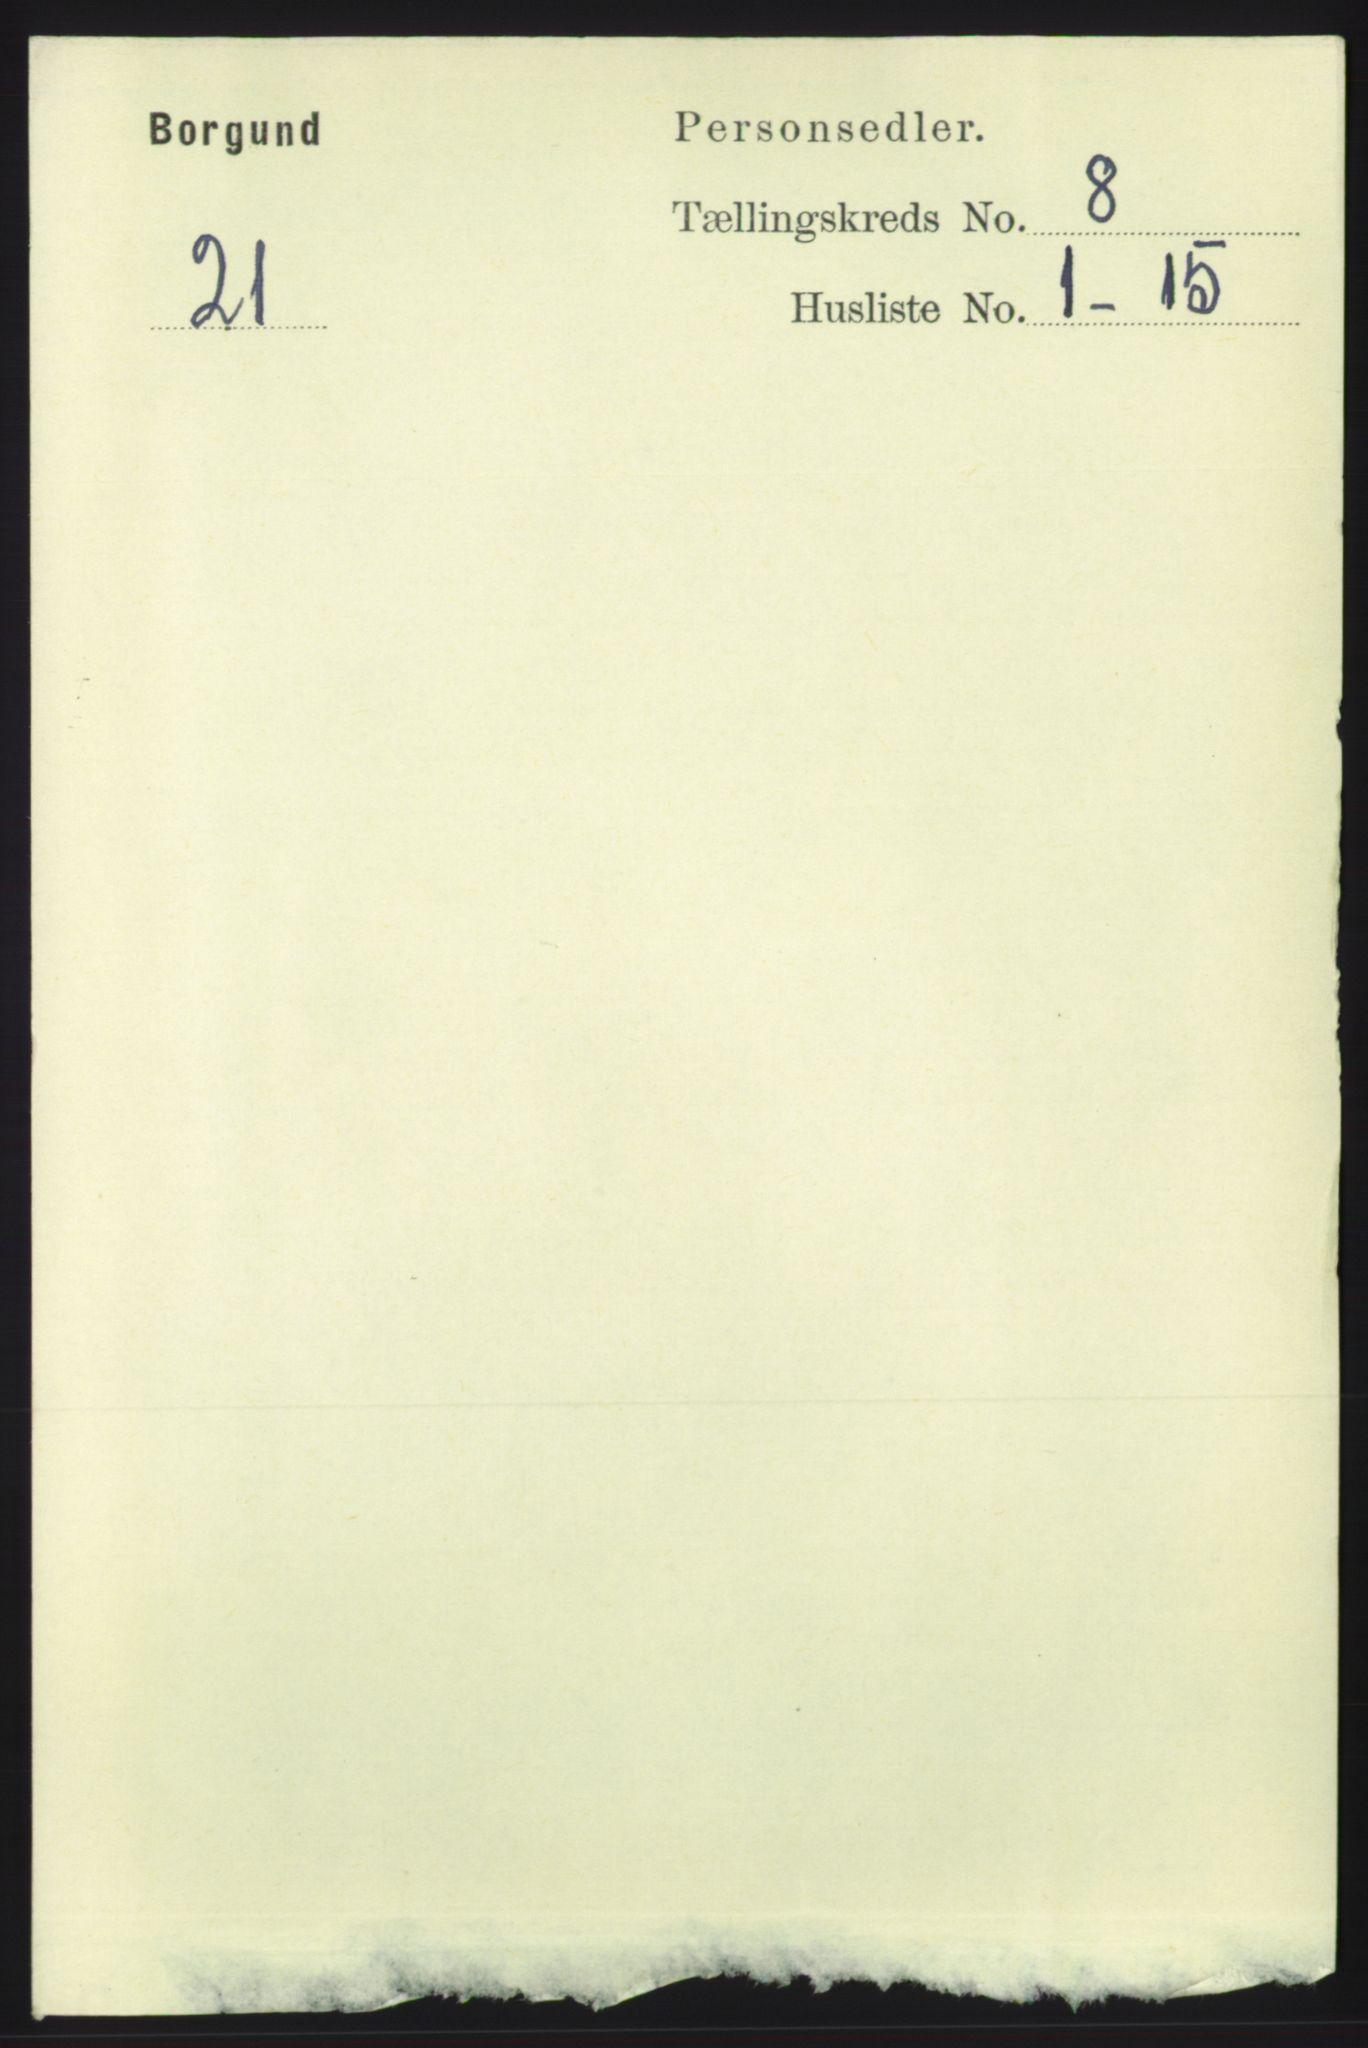 RA, Folketelling 1891 for 1531 Borgund herred, 1891, s. 2123